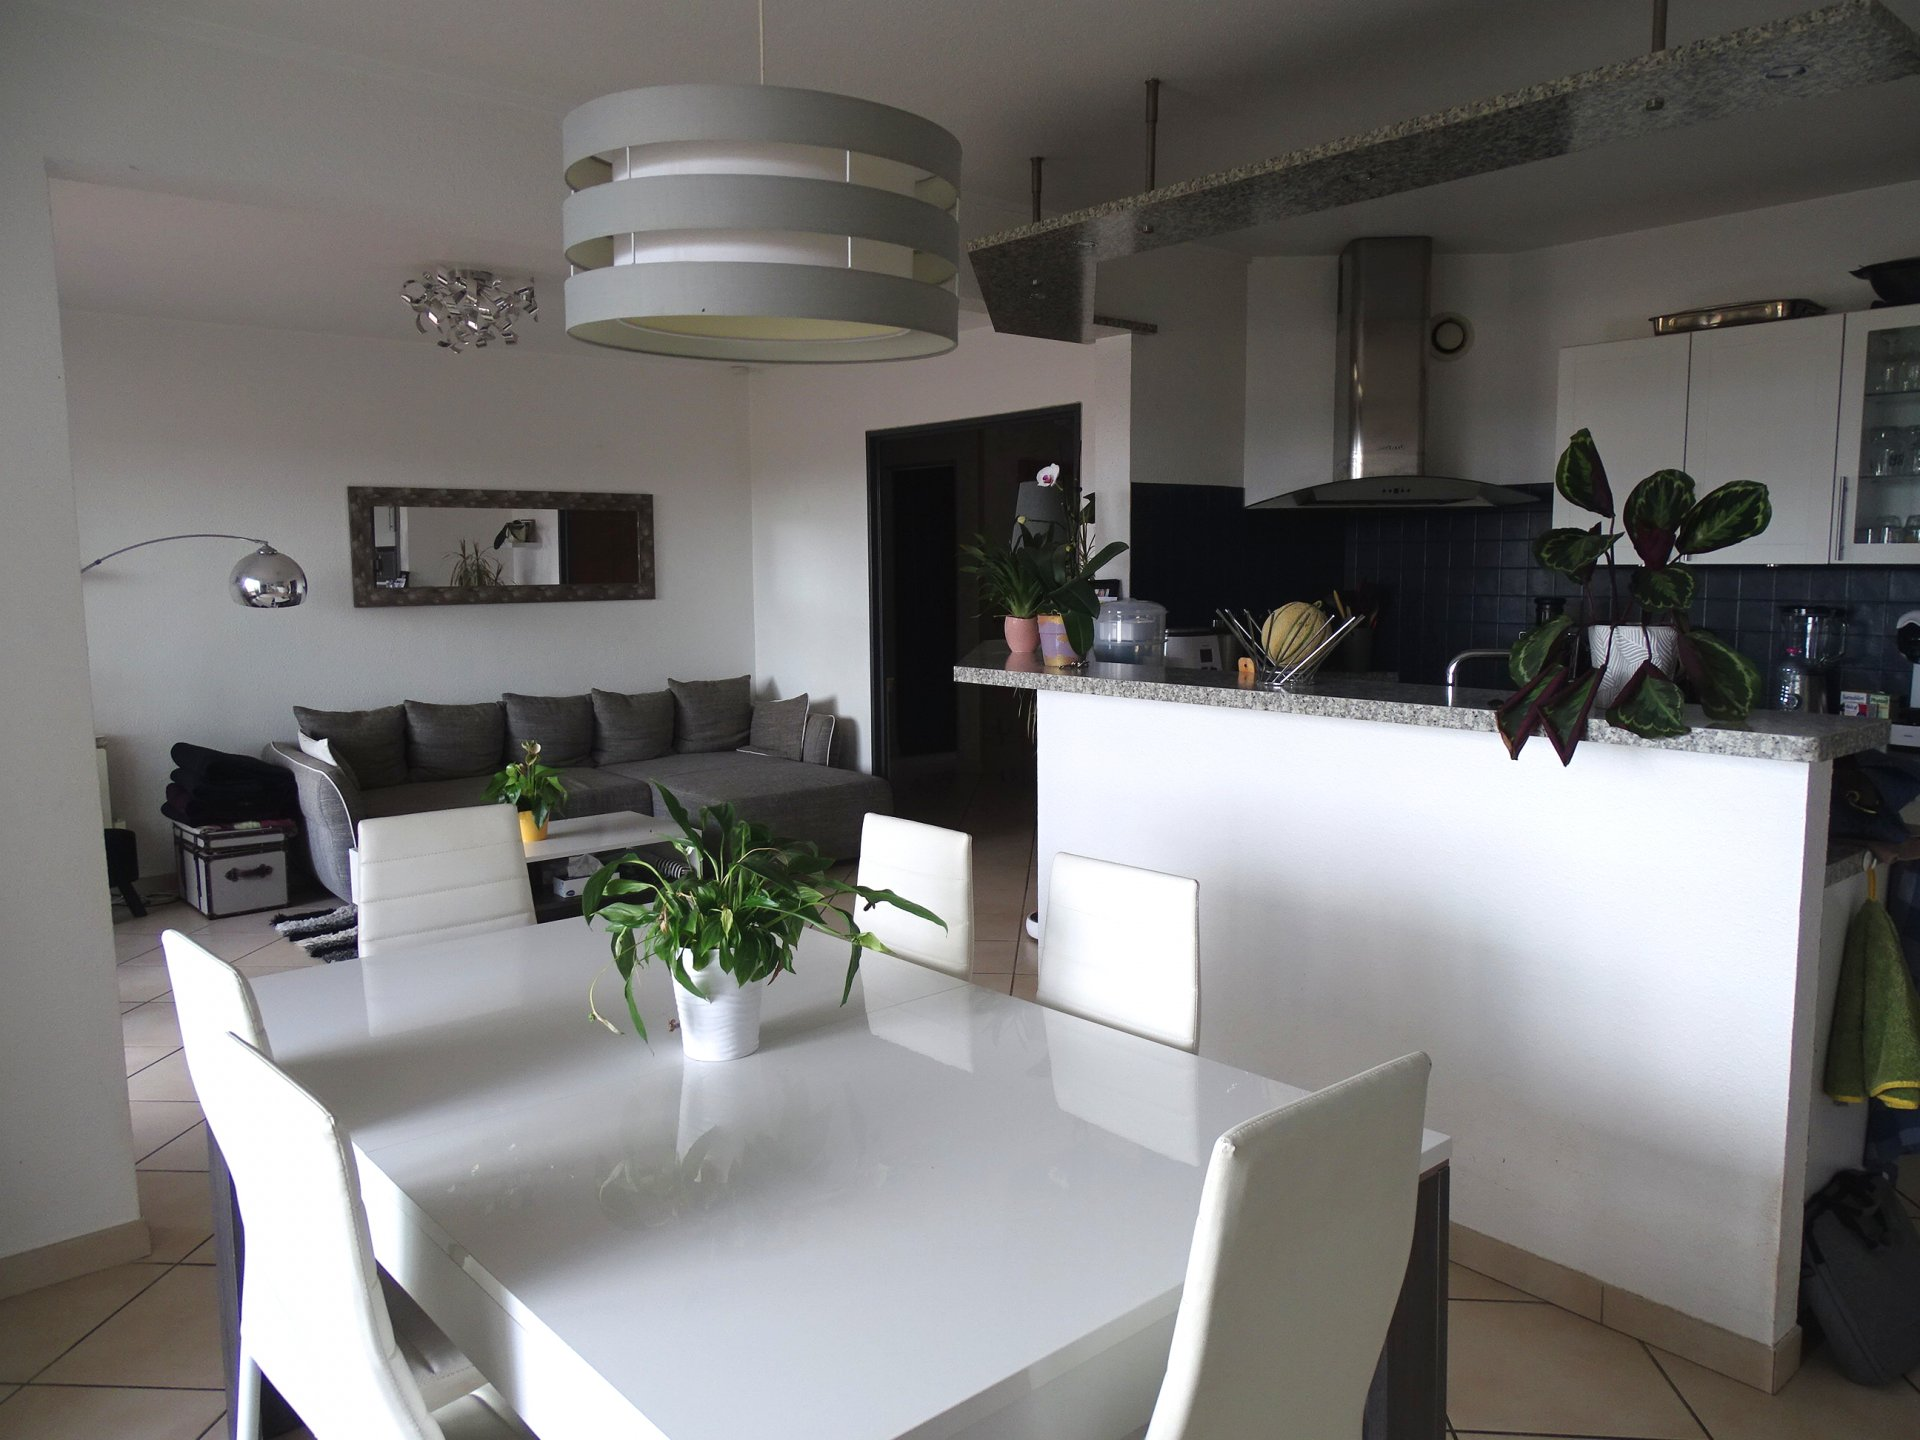 Venez absolument visiter cet appartement de plus de 100 m2, offrant un très grand hall, une pièce de vie de 35 m2 environ, lumineuse, fonctionnelle avec sa cuisine aménagée et équipée. Un accès direct à la terrasse que vous pourrez apprécier toute l?année avec ses menuiseries récemment changées. Vous jouirez aussi de trois chambres, dont une avec espace dressing. Une belle salle d?eau récemment refaite, avec douche à l?Italienne. Appartement vendu avec un garage et une cave. Idéalement situé, à quelques pas de toutes les commodités. Bien soumis au régime de la copropriété. 18 lots. Charges courantes trimestrielles de 432 ?. Honoraires à la charge du vendeur.